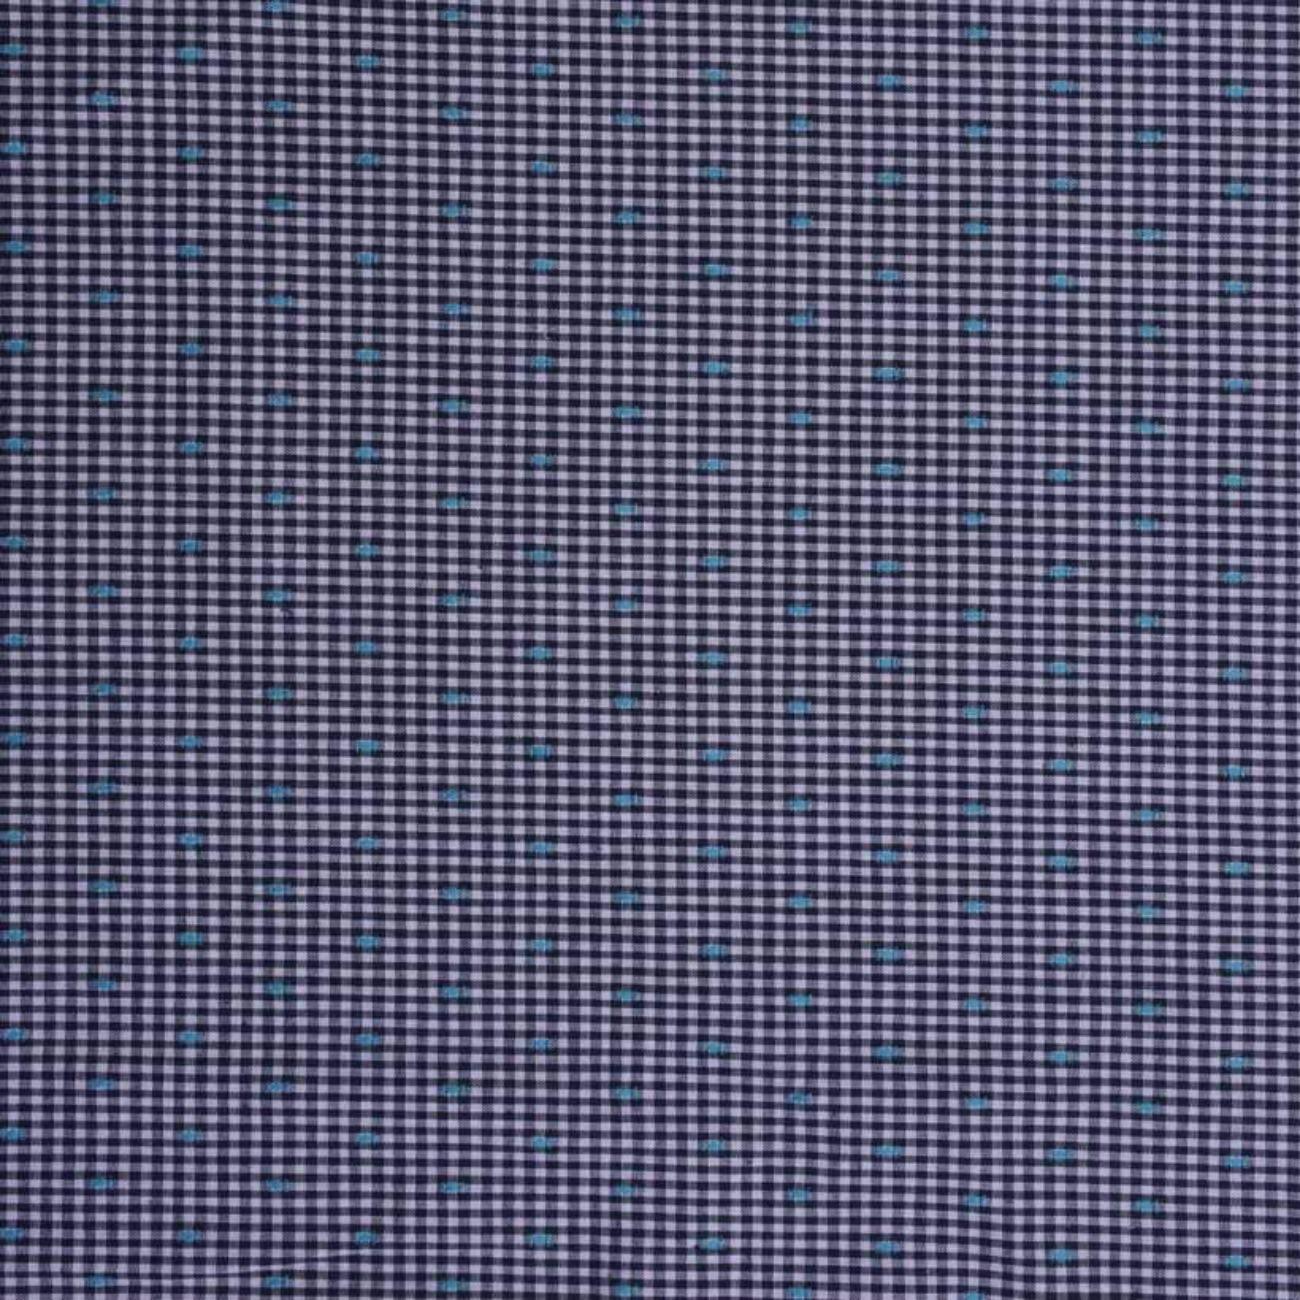 现货格子梭织色织提花低弹休闲时尚风格 衬衫 连衣裙 短裙 棉感 60929-57